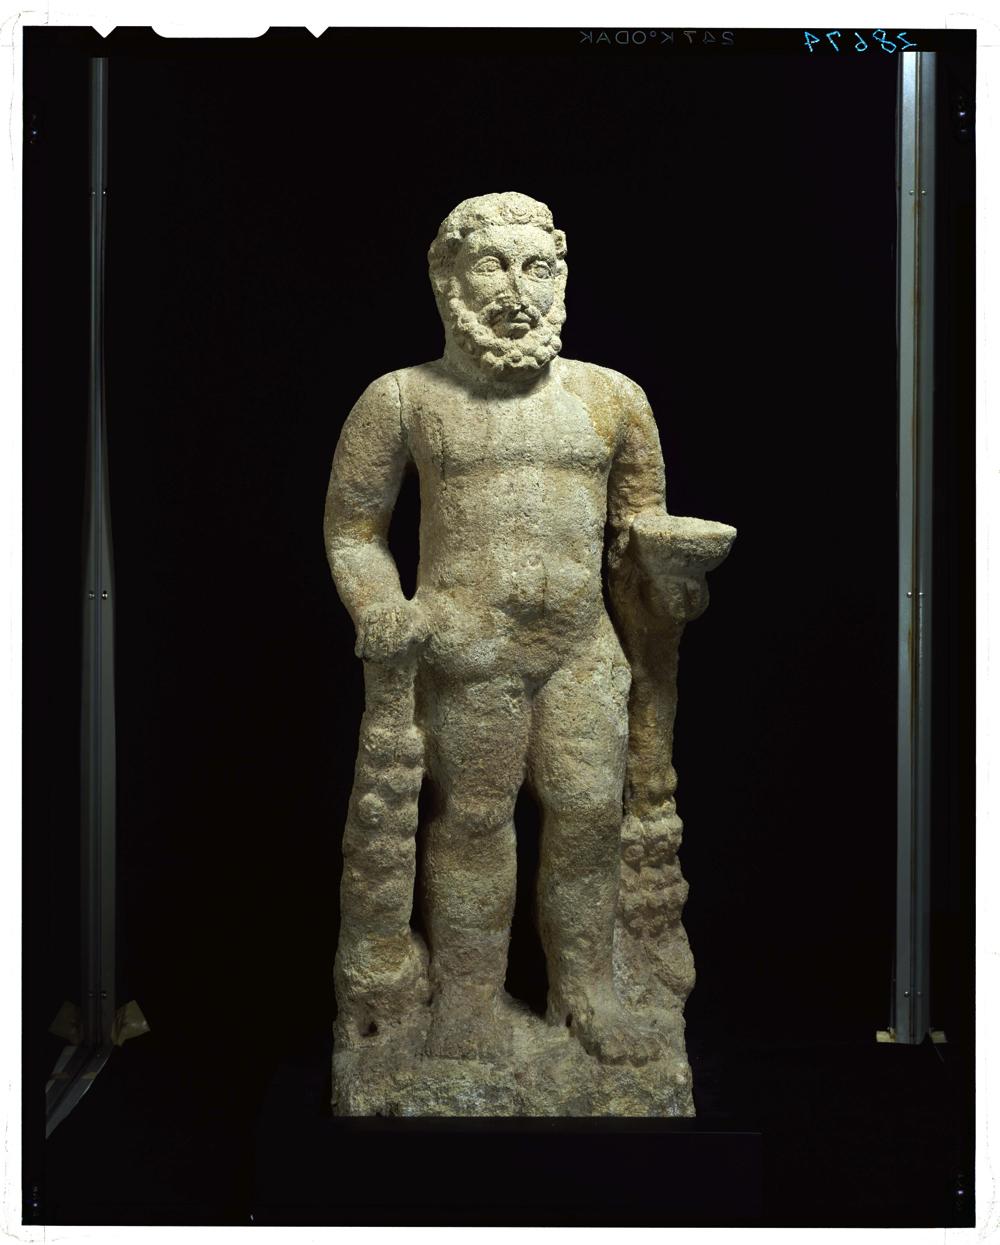 ヘラクレス立像:イラク、 ハトラ出土(東京国立博物館)